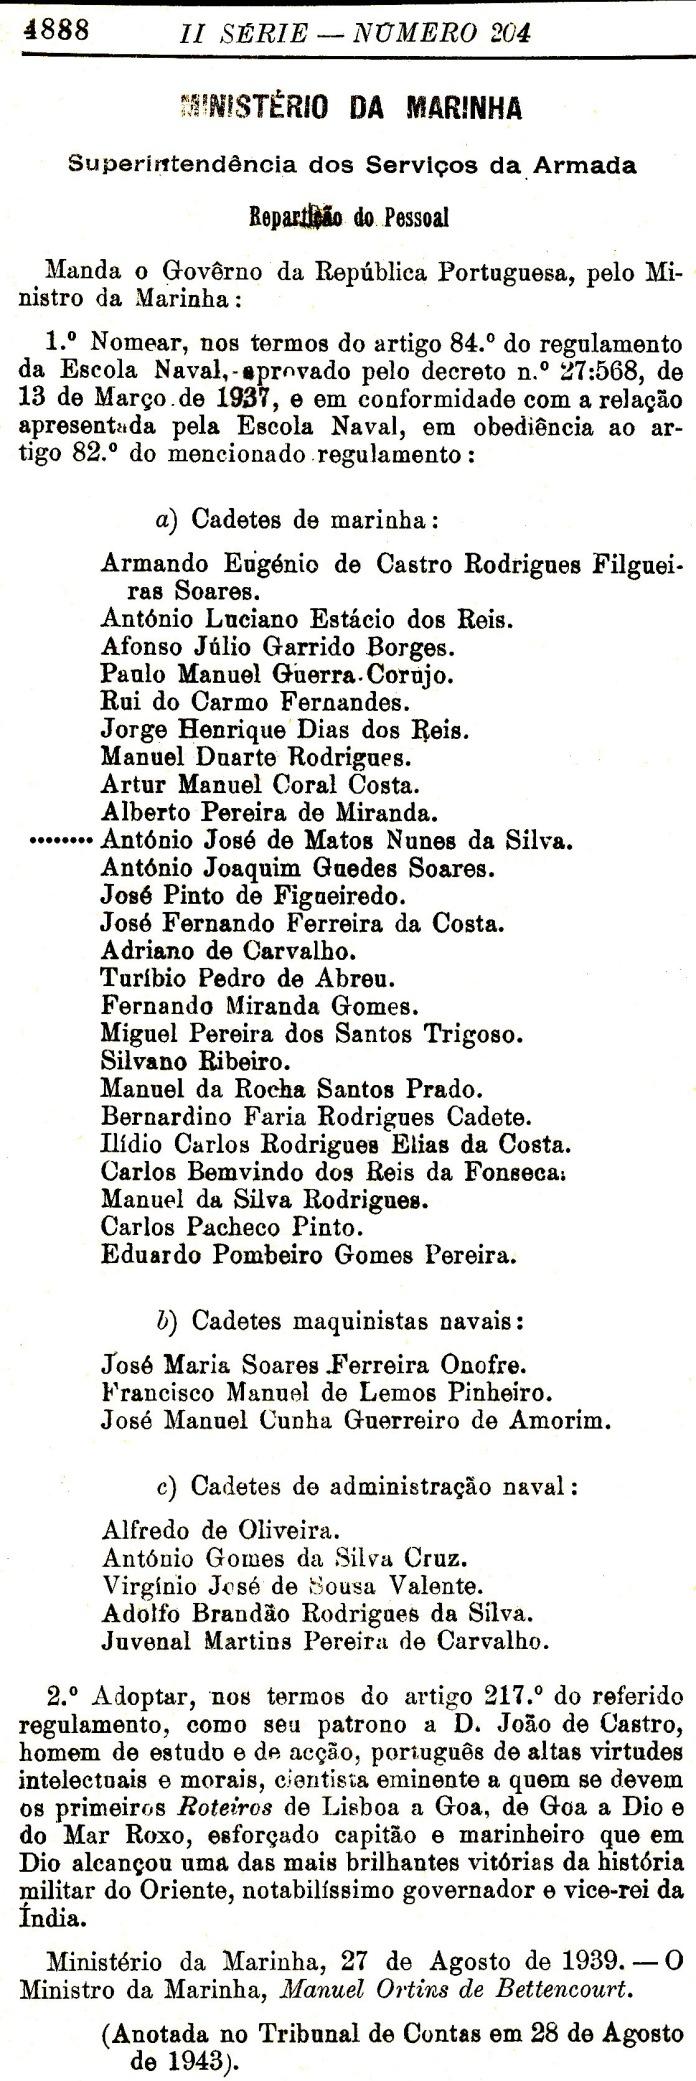 00002 943-09-01 Portaria de nomeação de cadetes da EN -Diário do Govêrno II Sér 204 -pg 4888